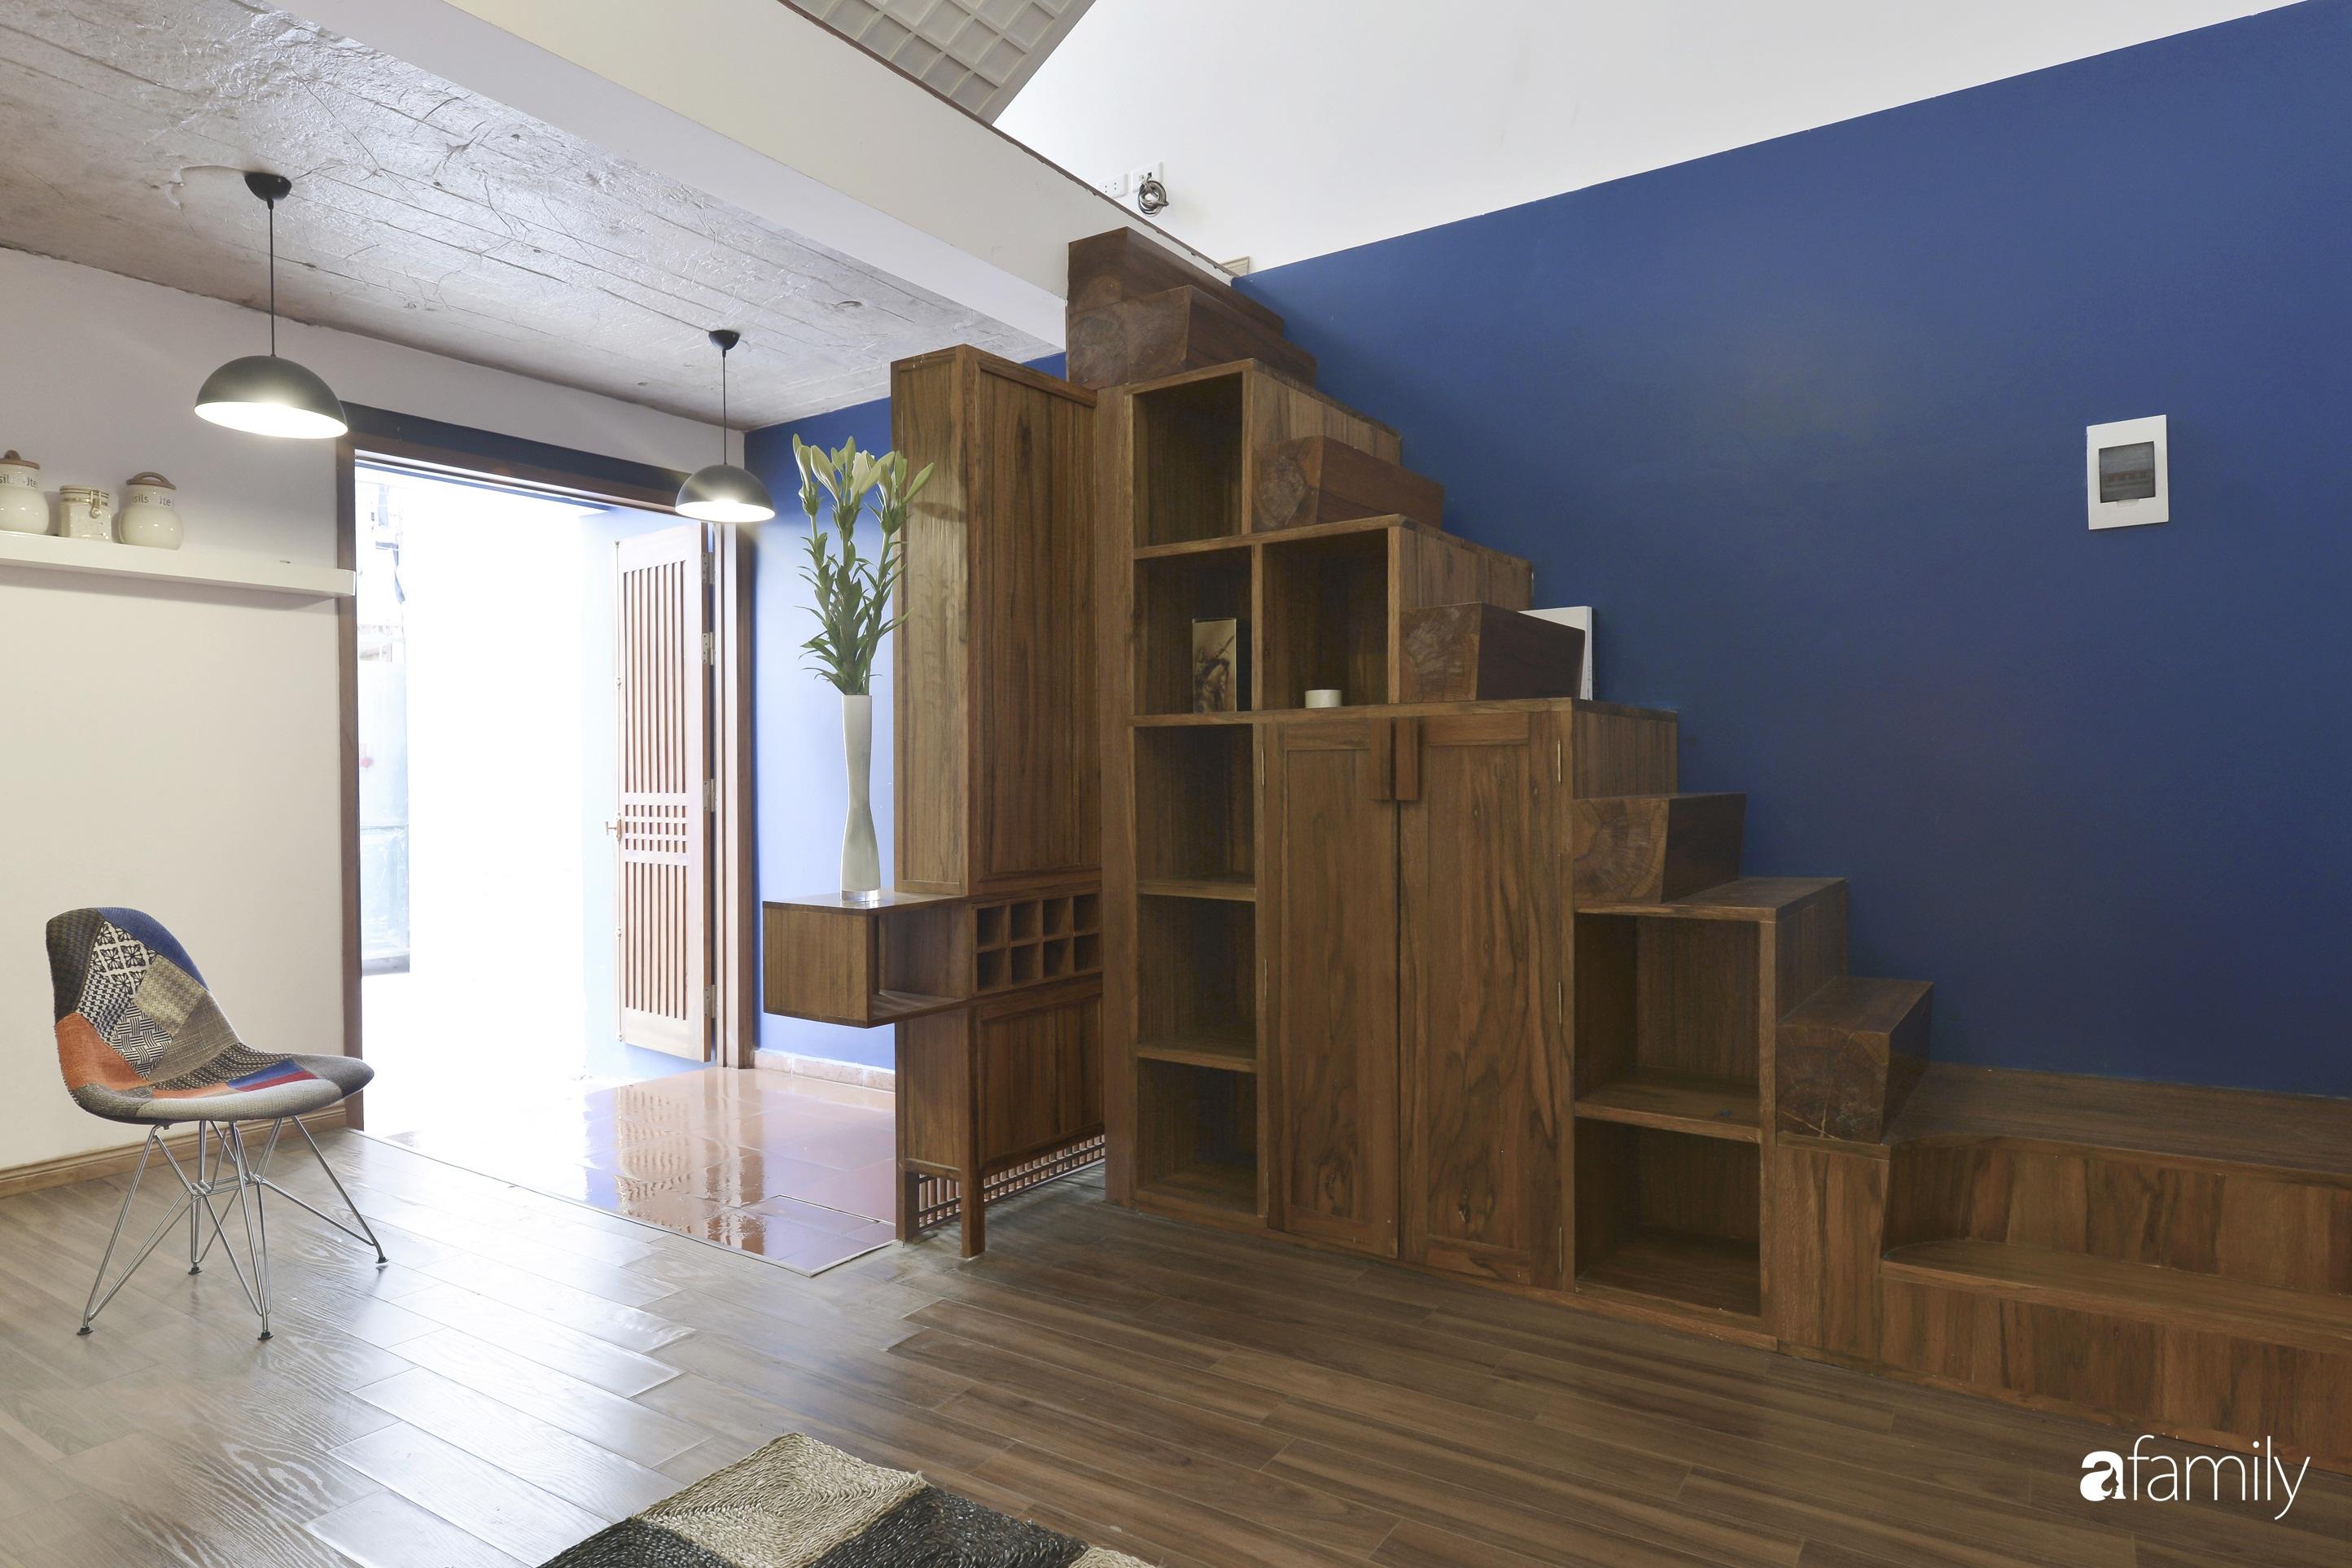 Vẻ đẹp của gỗ kết hợp nội thất đơn giản trong ngôi nhà 45,6m² ở ngõ nhỏ Hà Nội sau khi cải tạo - Ảnh 5.